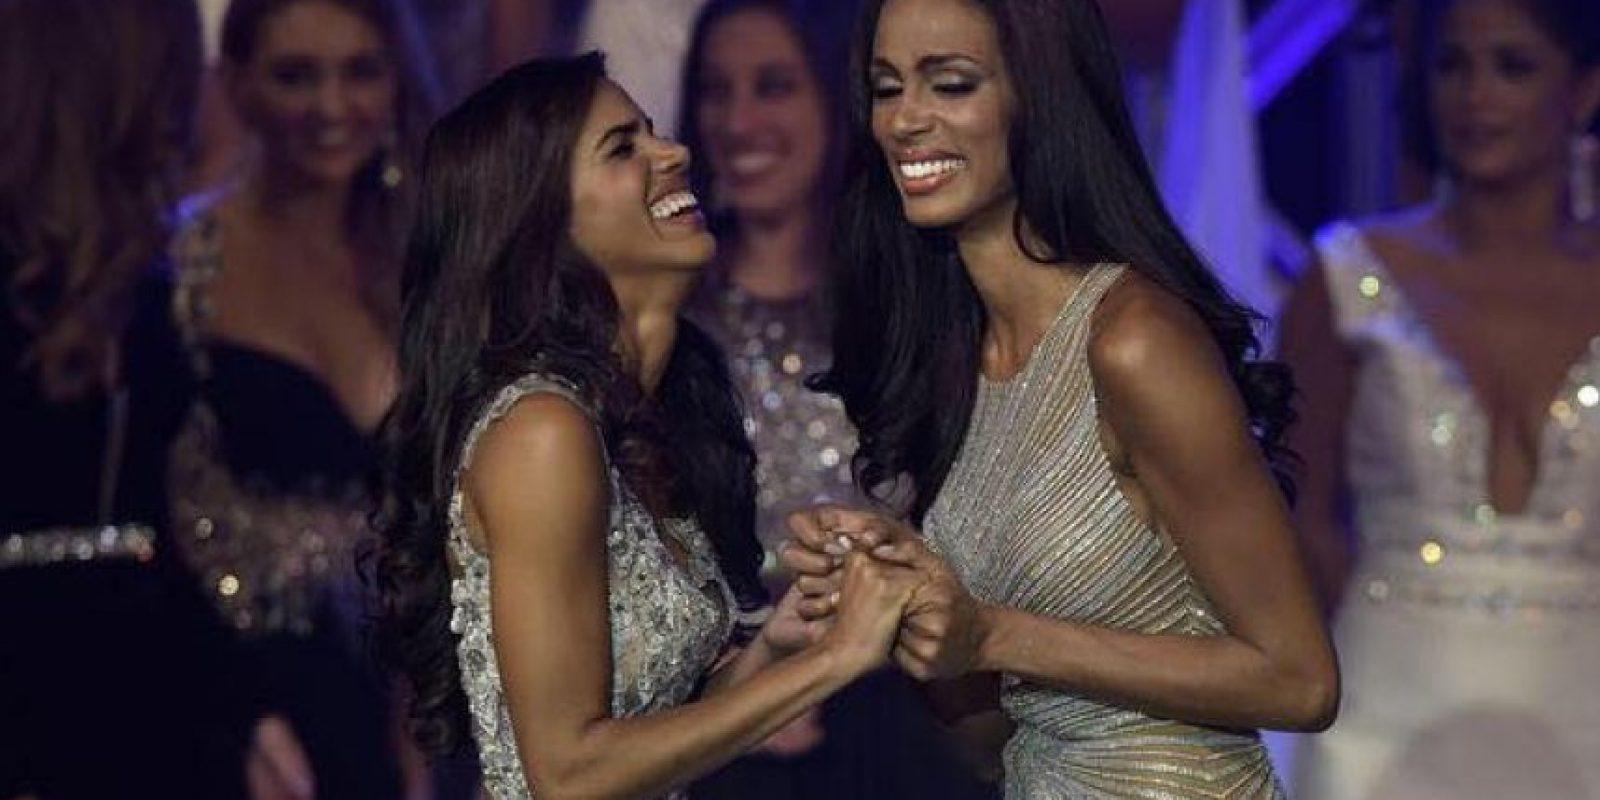 Génesis Dávila (derecha) ganó el certamen el pasado viernes. Linette de los Santos (izquierda), es la nueva reina de Florida. Foto:Vía Facebook. Imagen Por: